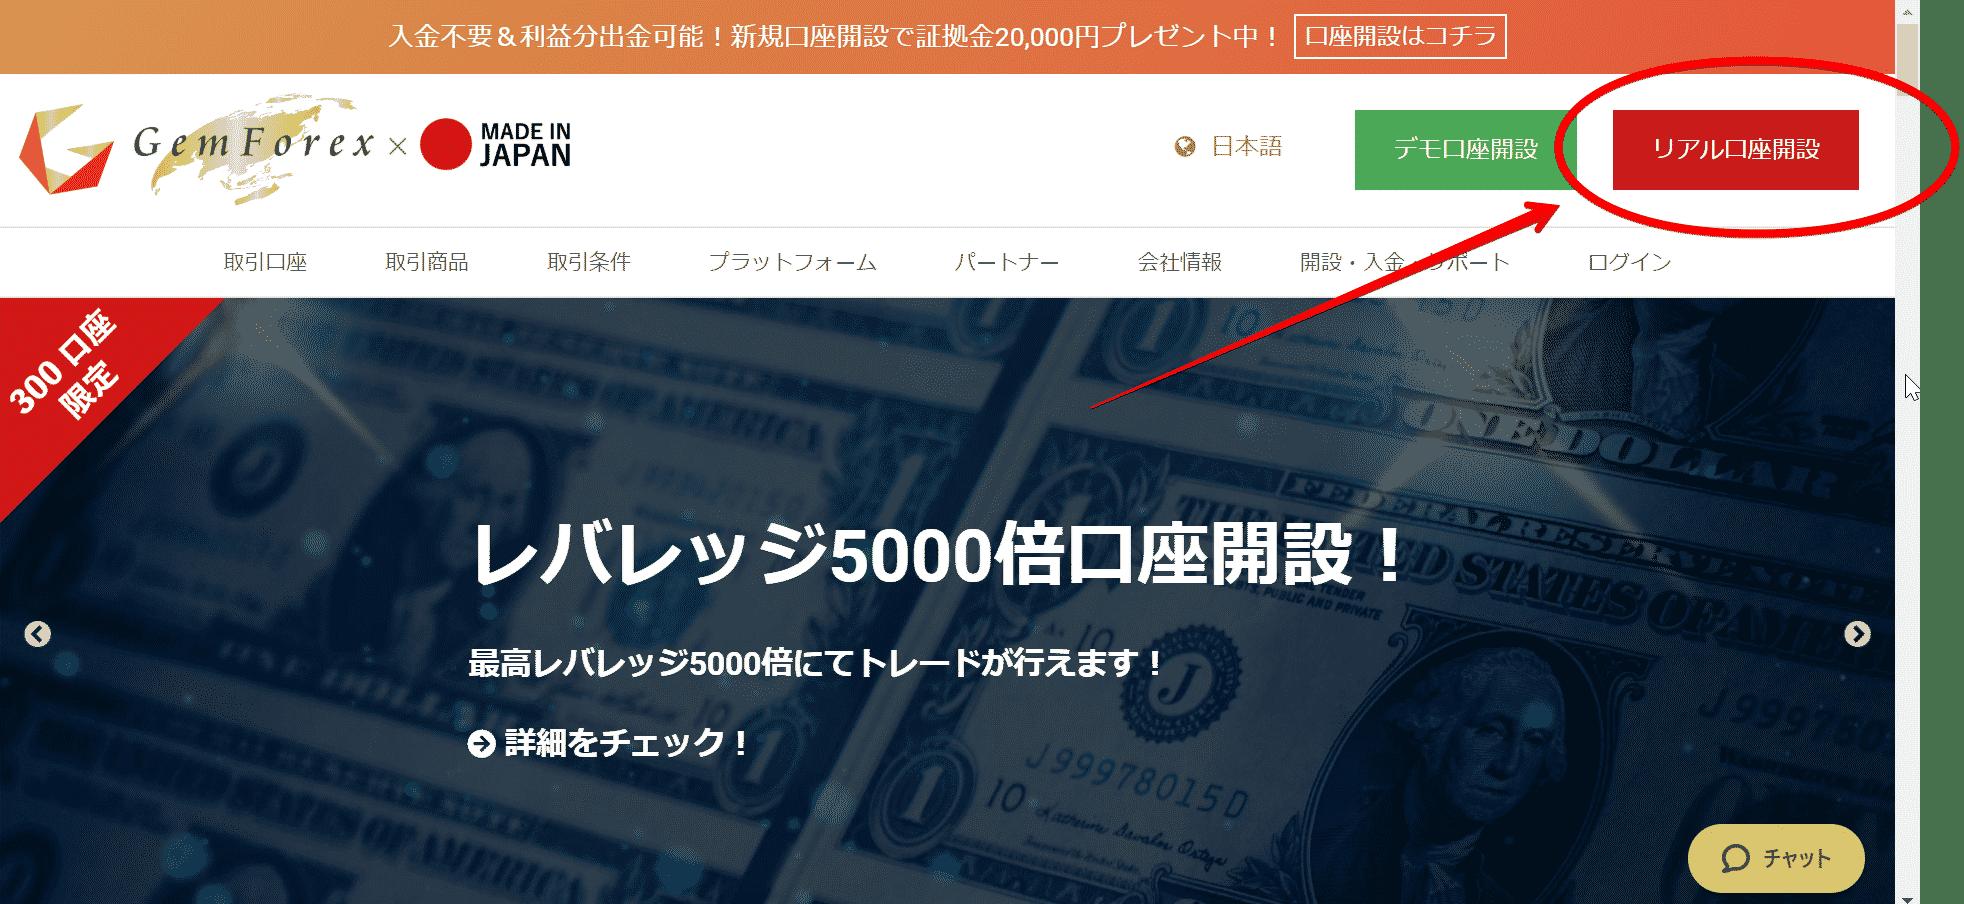 仮想通貨FXの口座開設ボーナスとは?2種類のボーナスと取引所別のキャンペーンを紹介 - Bitterzコラム